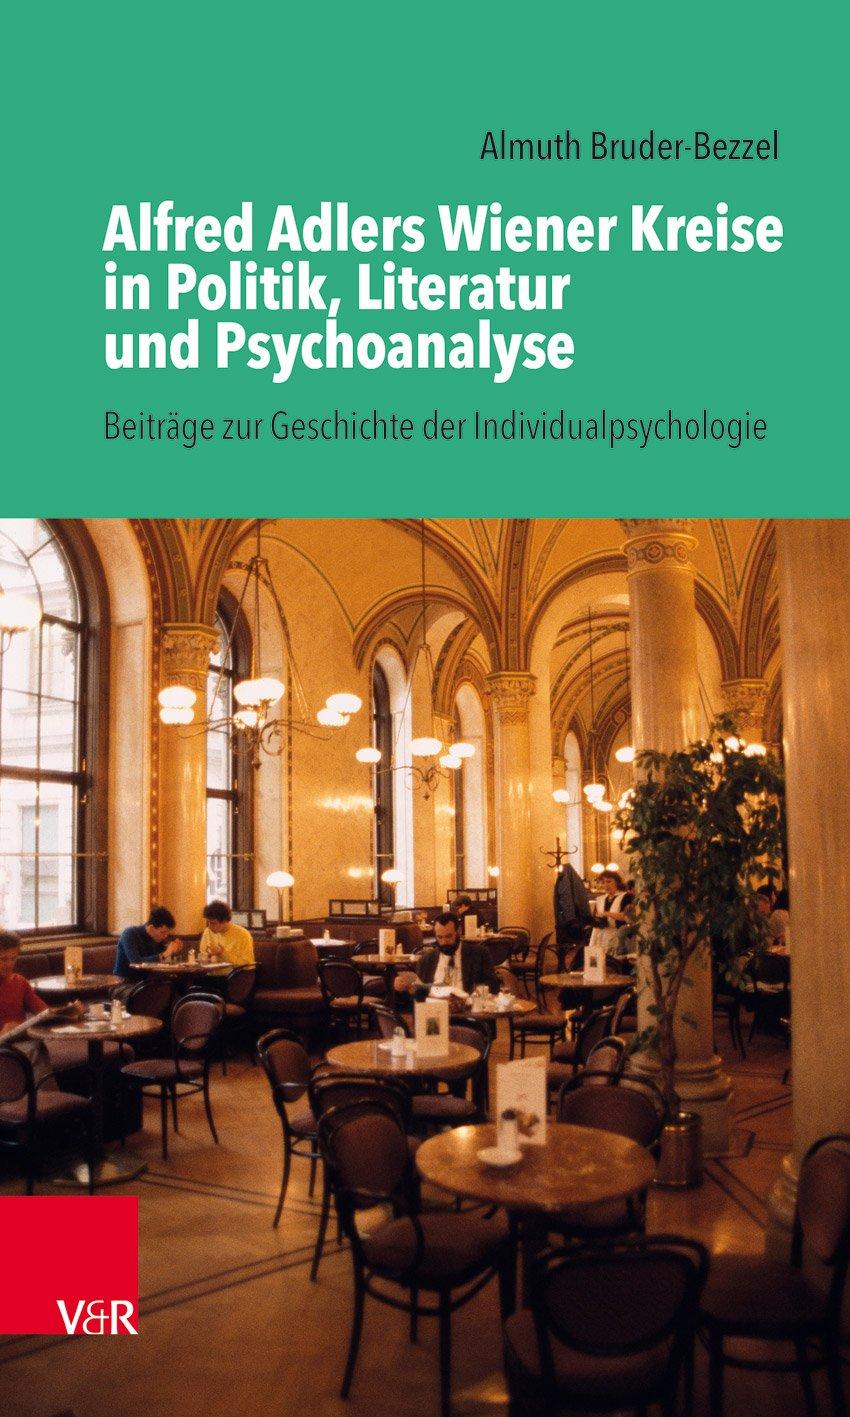 Alfred Adlers Wiener Kreise in Politik, Literatur und Psychoanalyse